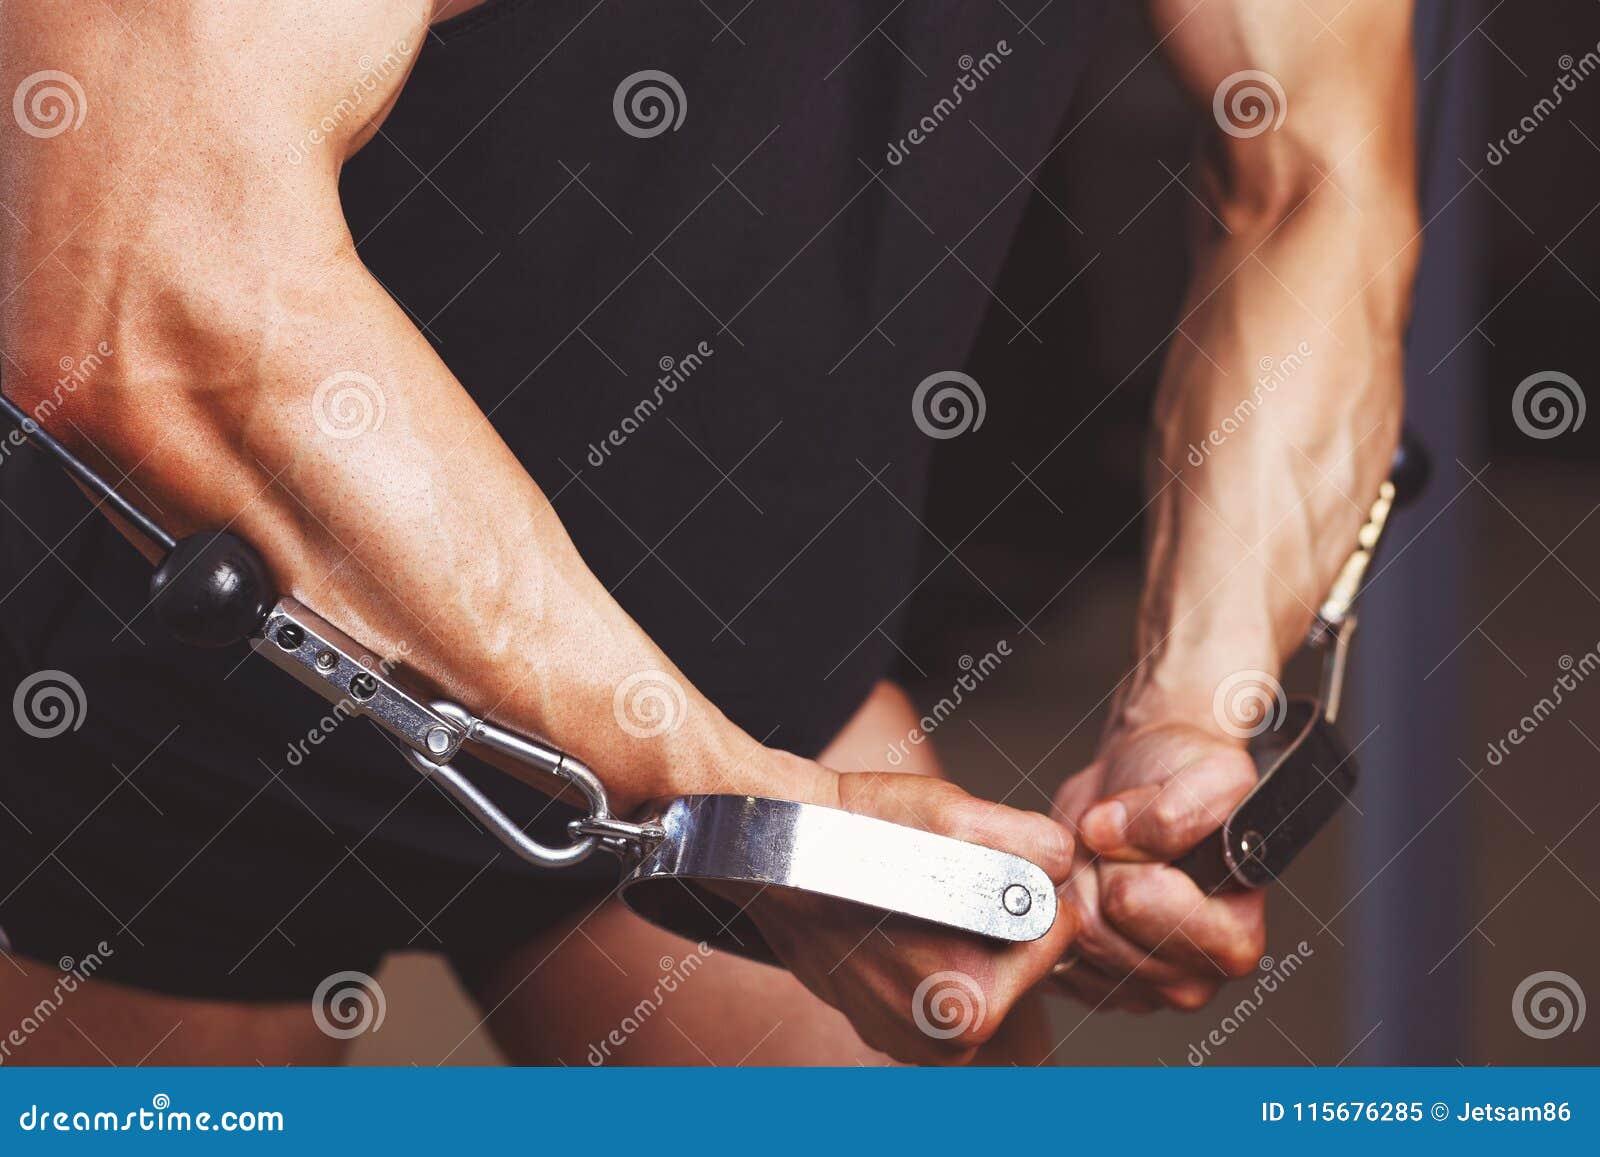 Сильные сорванные напряженные руки человека разрабатывая в конце спортзала вверх